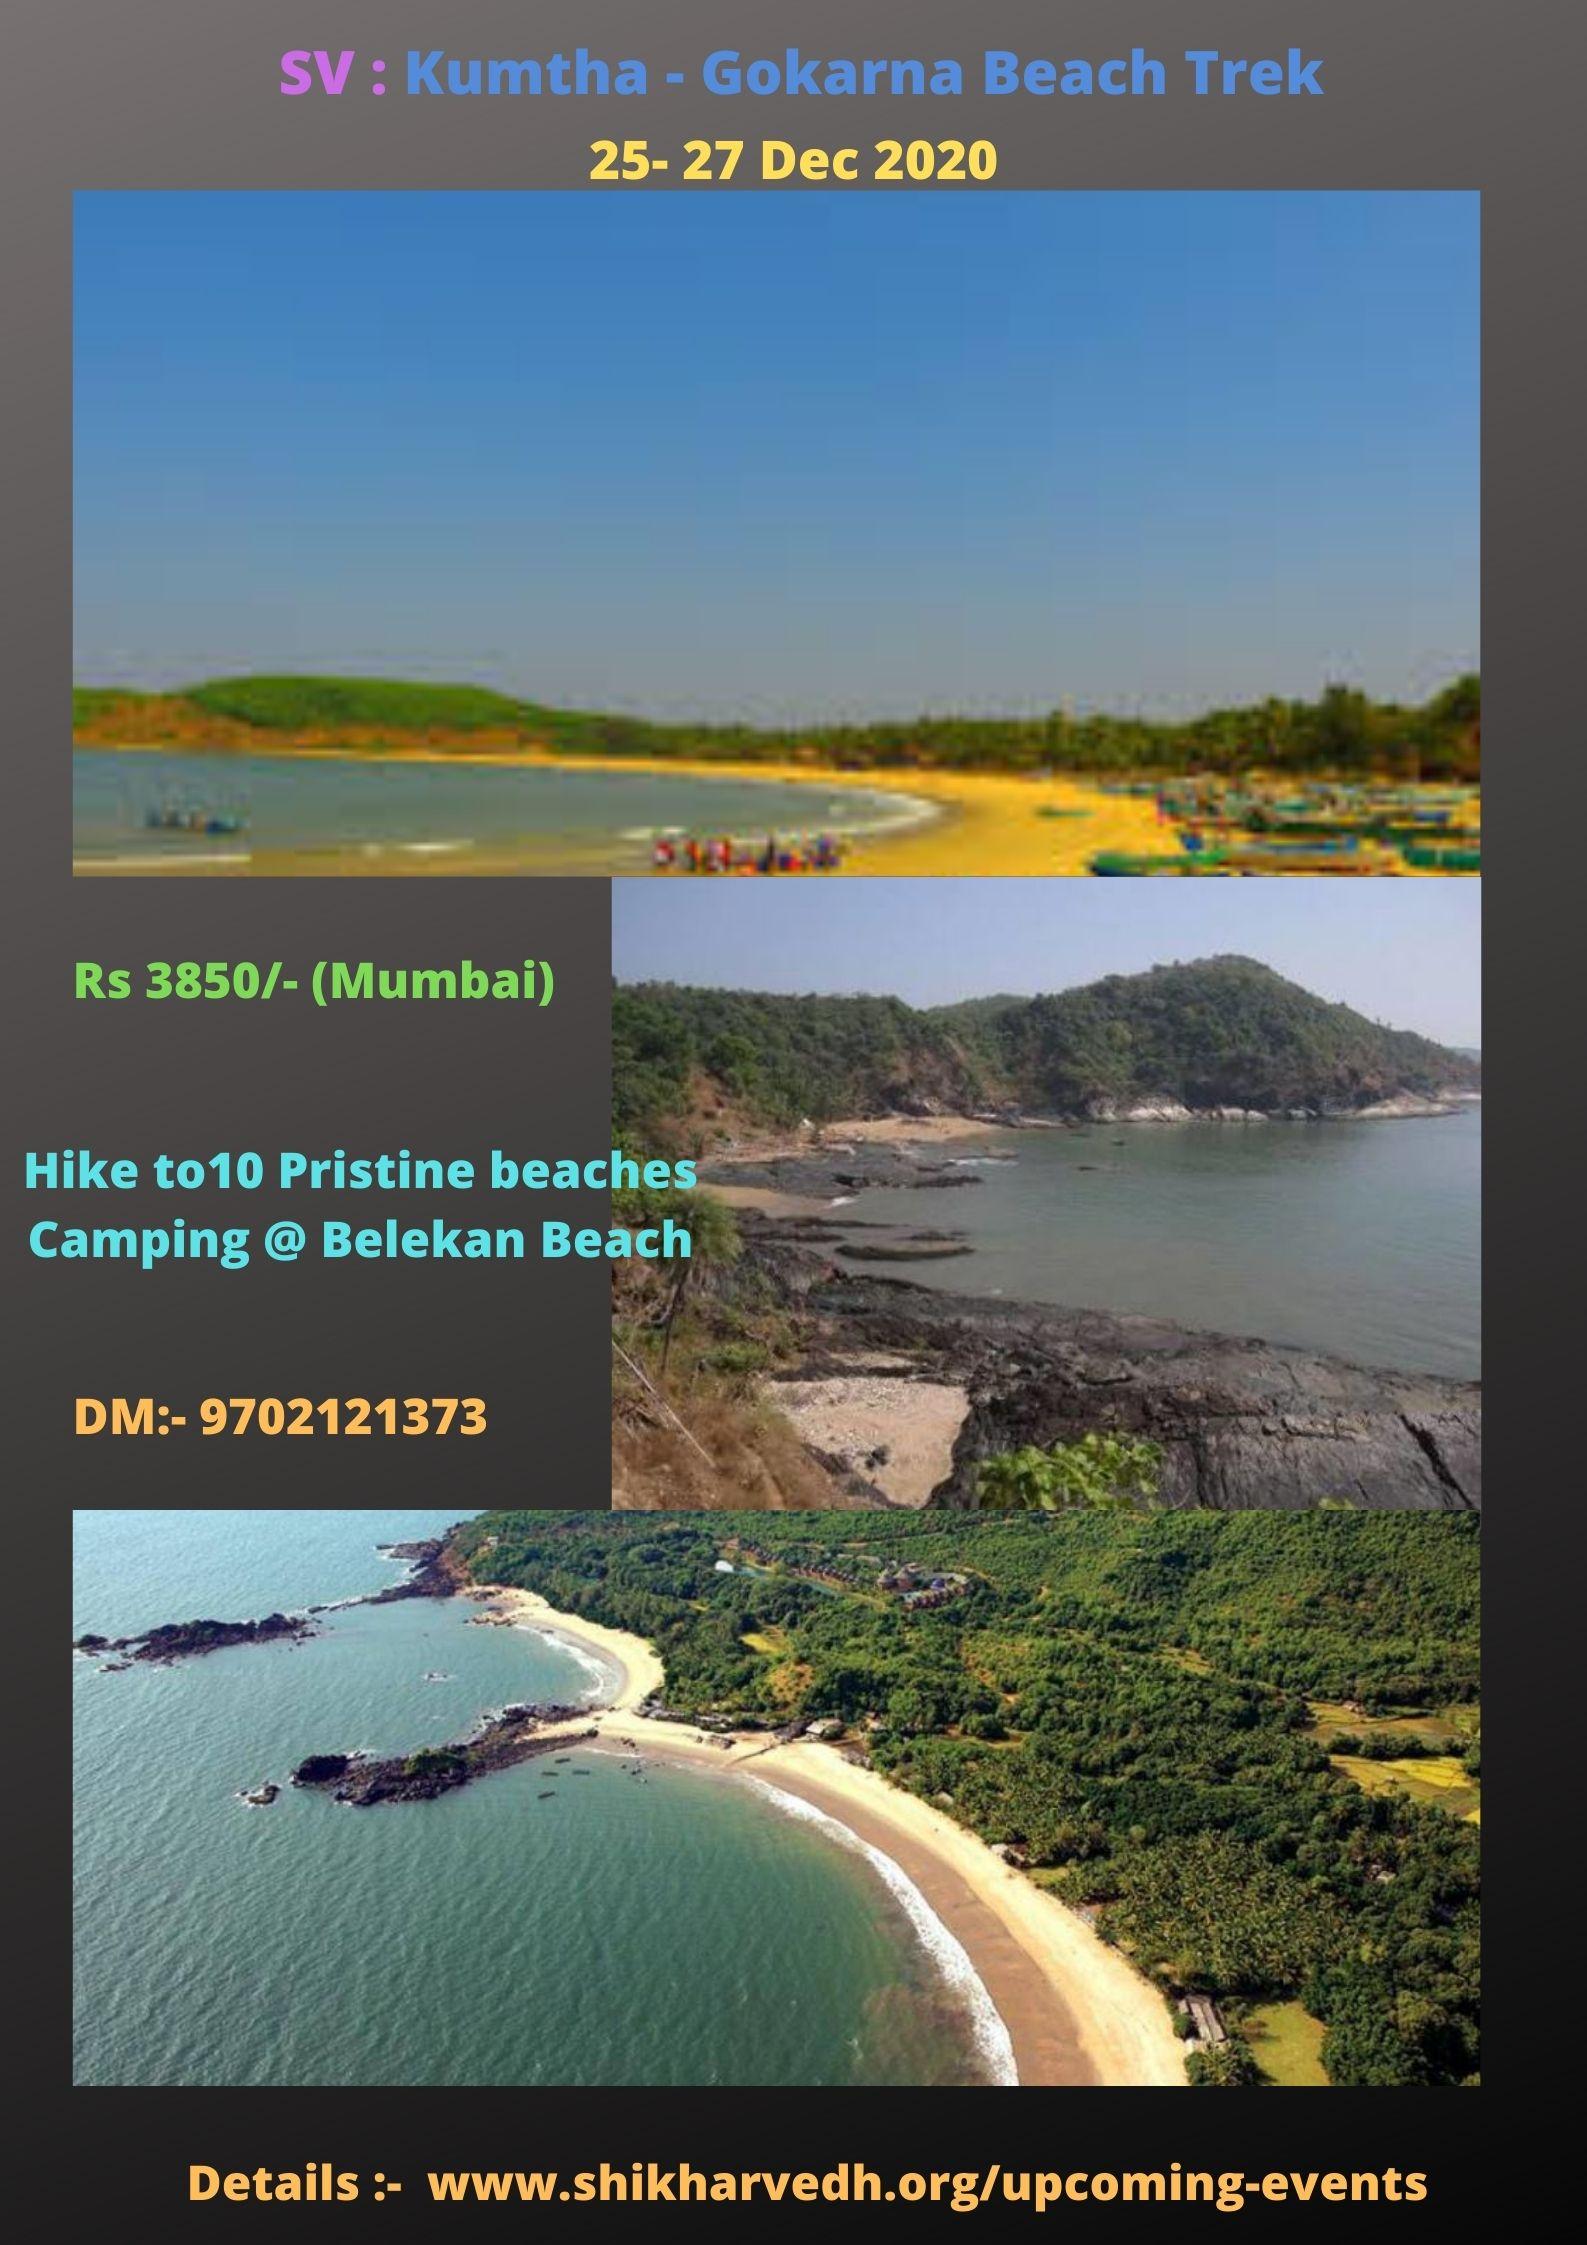 Kumtha - Gokarna Beach Trek